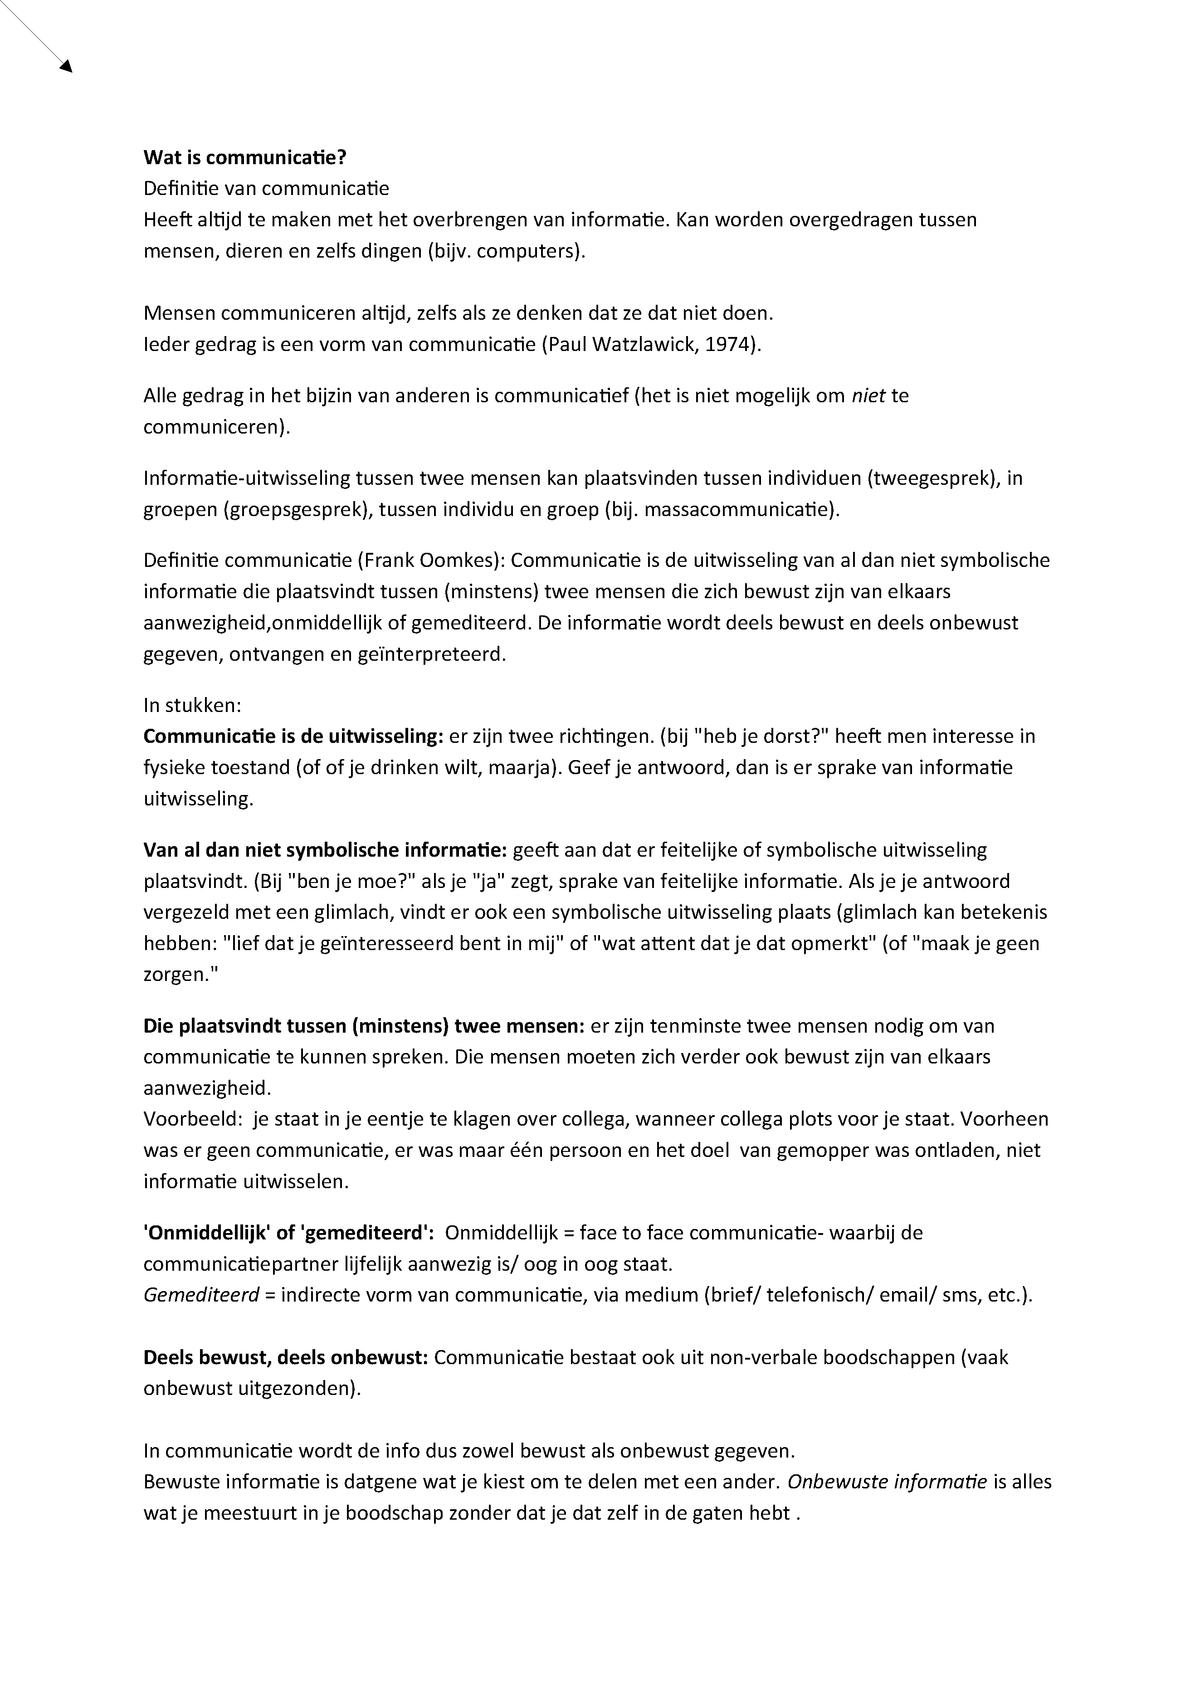 16  Wat is communicatie (startpunt mondeling en - StudeerSnel nl